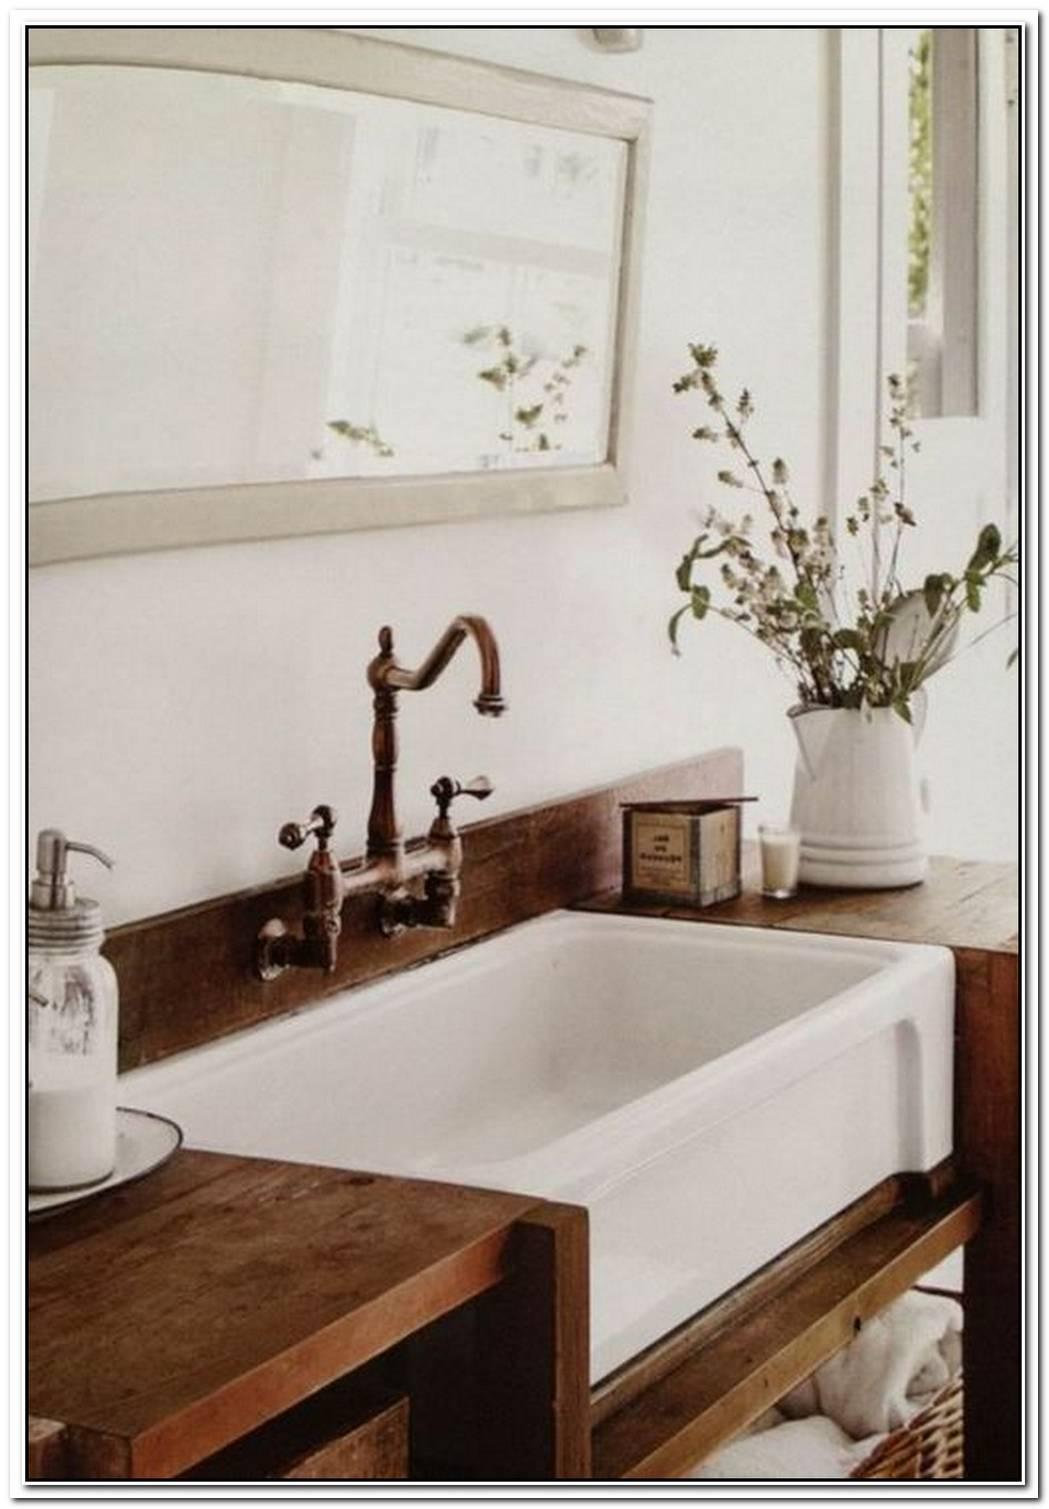 Bathroom Farmhouse Wood Apron Sink